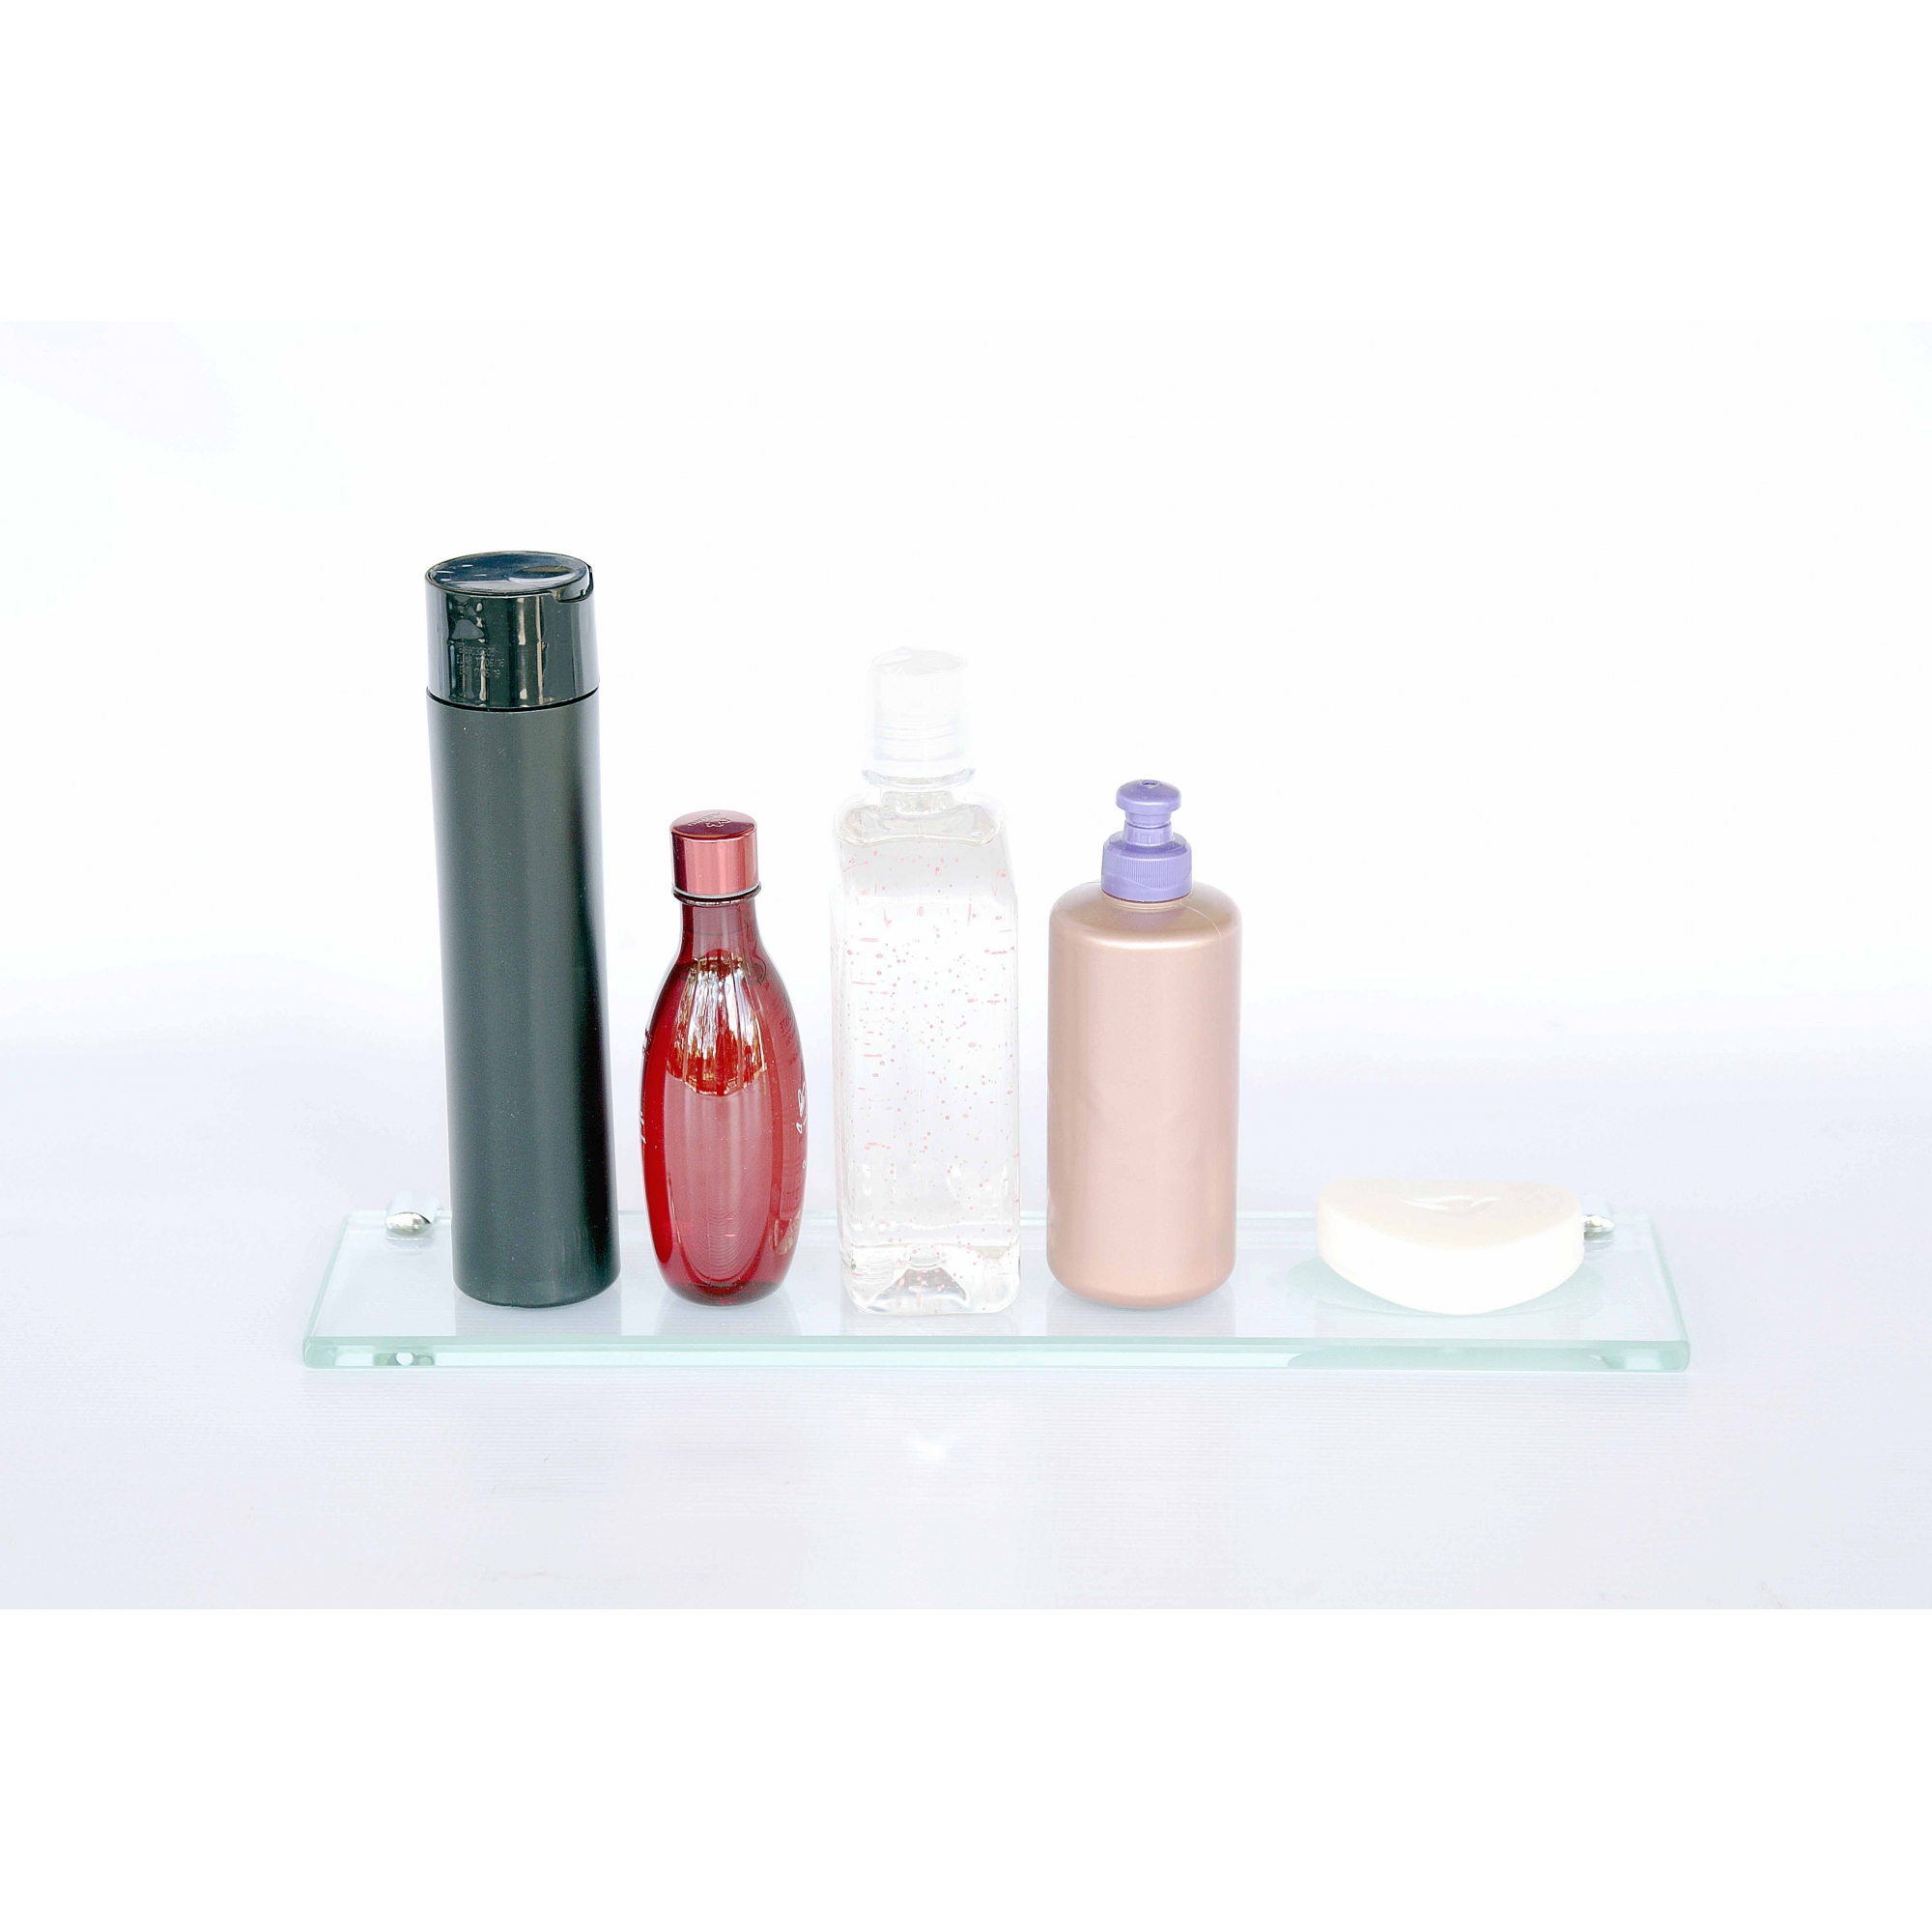 Porta Shampoo Reto com Rebaixo Saboneteira Vidro Incolor Lapidado - Aquabox  - 40cmx9cmx8mm